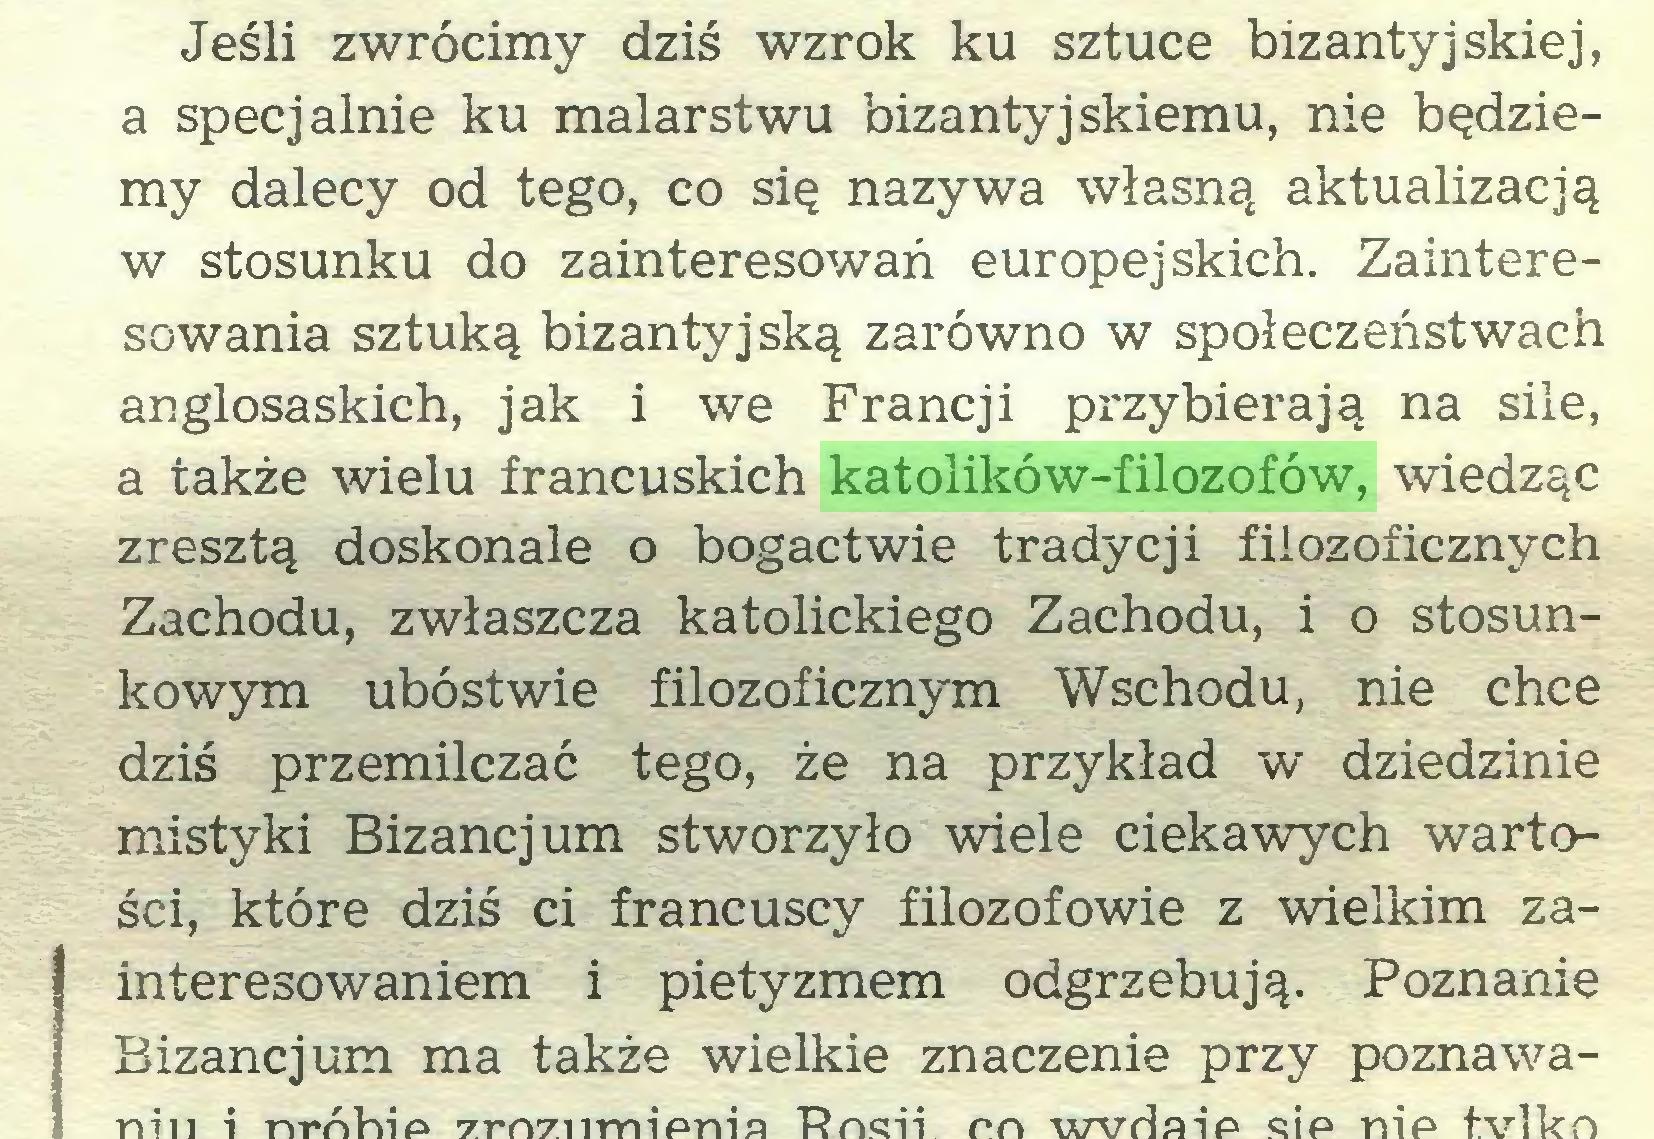 (...) Jeśli zwrócimy dziś wzrok ku sztuce bizantyjskiej, a specjalnie ku malarstwu bizantyjskiemu, nie będziemy dalecy od tego, co się nazywa własną aktualizacją w stosunku do zainteresowań europejskich. Zainteresowania sztuką bizantyjską zarówno w społeczeństwach anglosaskich, jak i we Francji przybierają na sile, a także wielu francuskich katolików-filozofów, wiedząc zresztą doskonale o bogactwie tradycji filozoficznych Zachodu, zwłaszcza katolickiego Zachodu, i o stosunkowym ubóstwie filozoficznym Wschodu, nie chce dziś przemilczać tego, że na przykład w dziedzinie mistyki Bizancjum stworzyło wiele ciekawych wartości, które dziś ci francuscy filozofowie z wielkim zaI interesowaniem i pietyzmem odgrzebują. Poznanie...